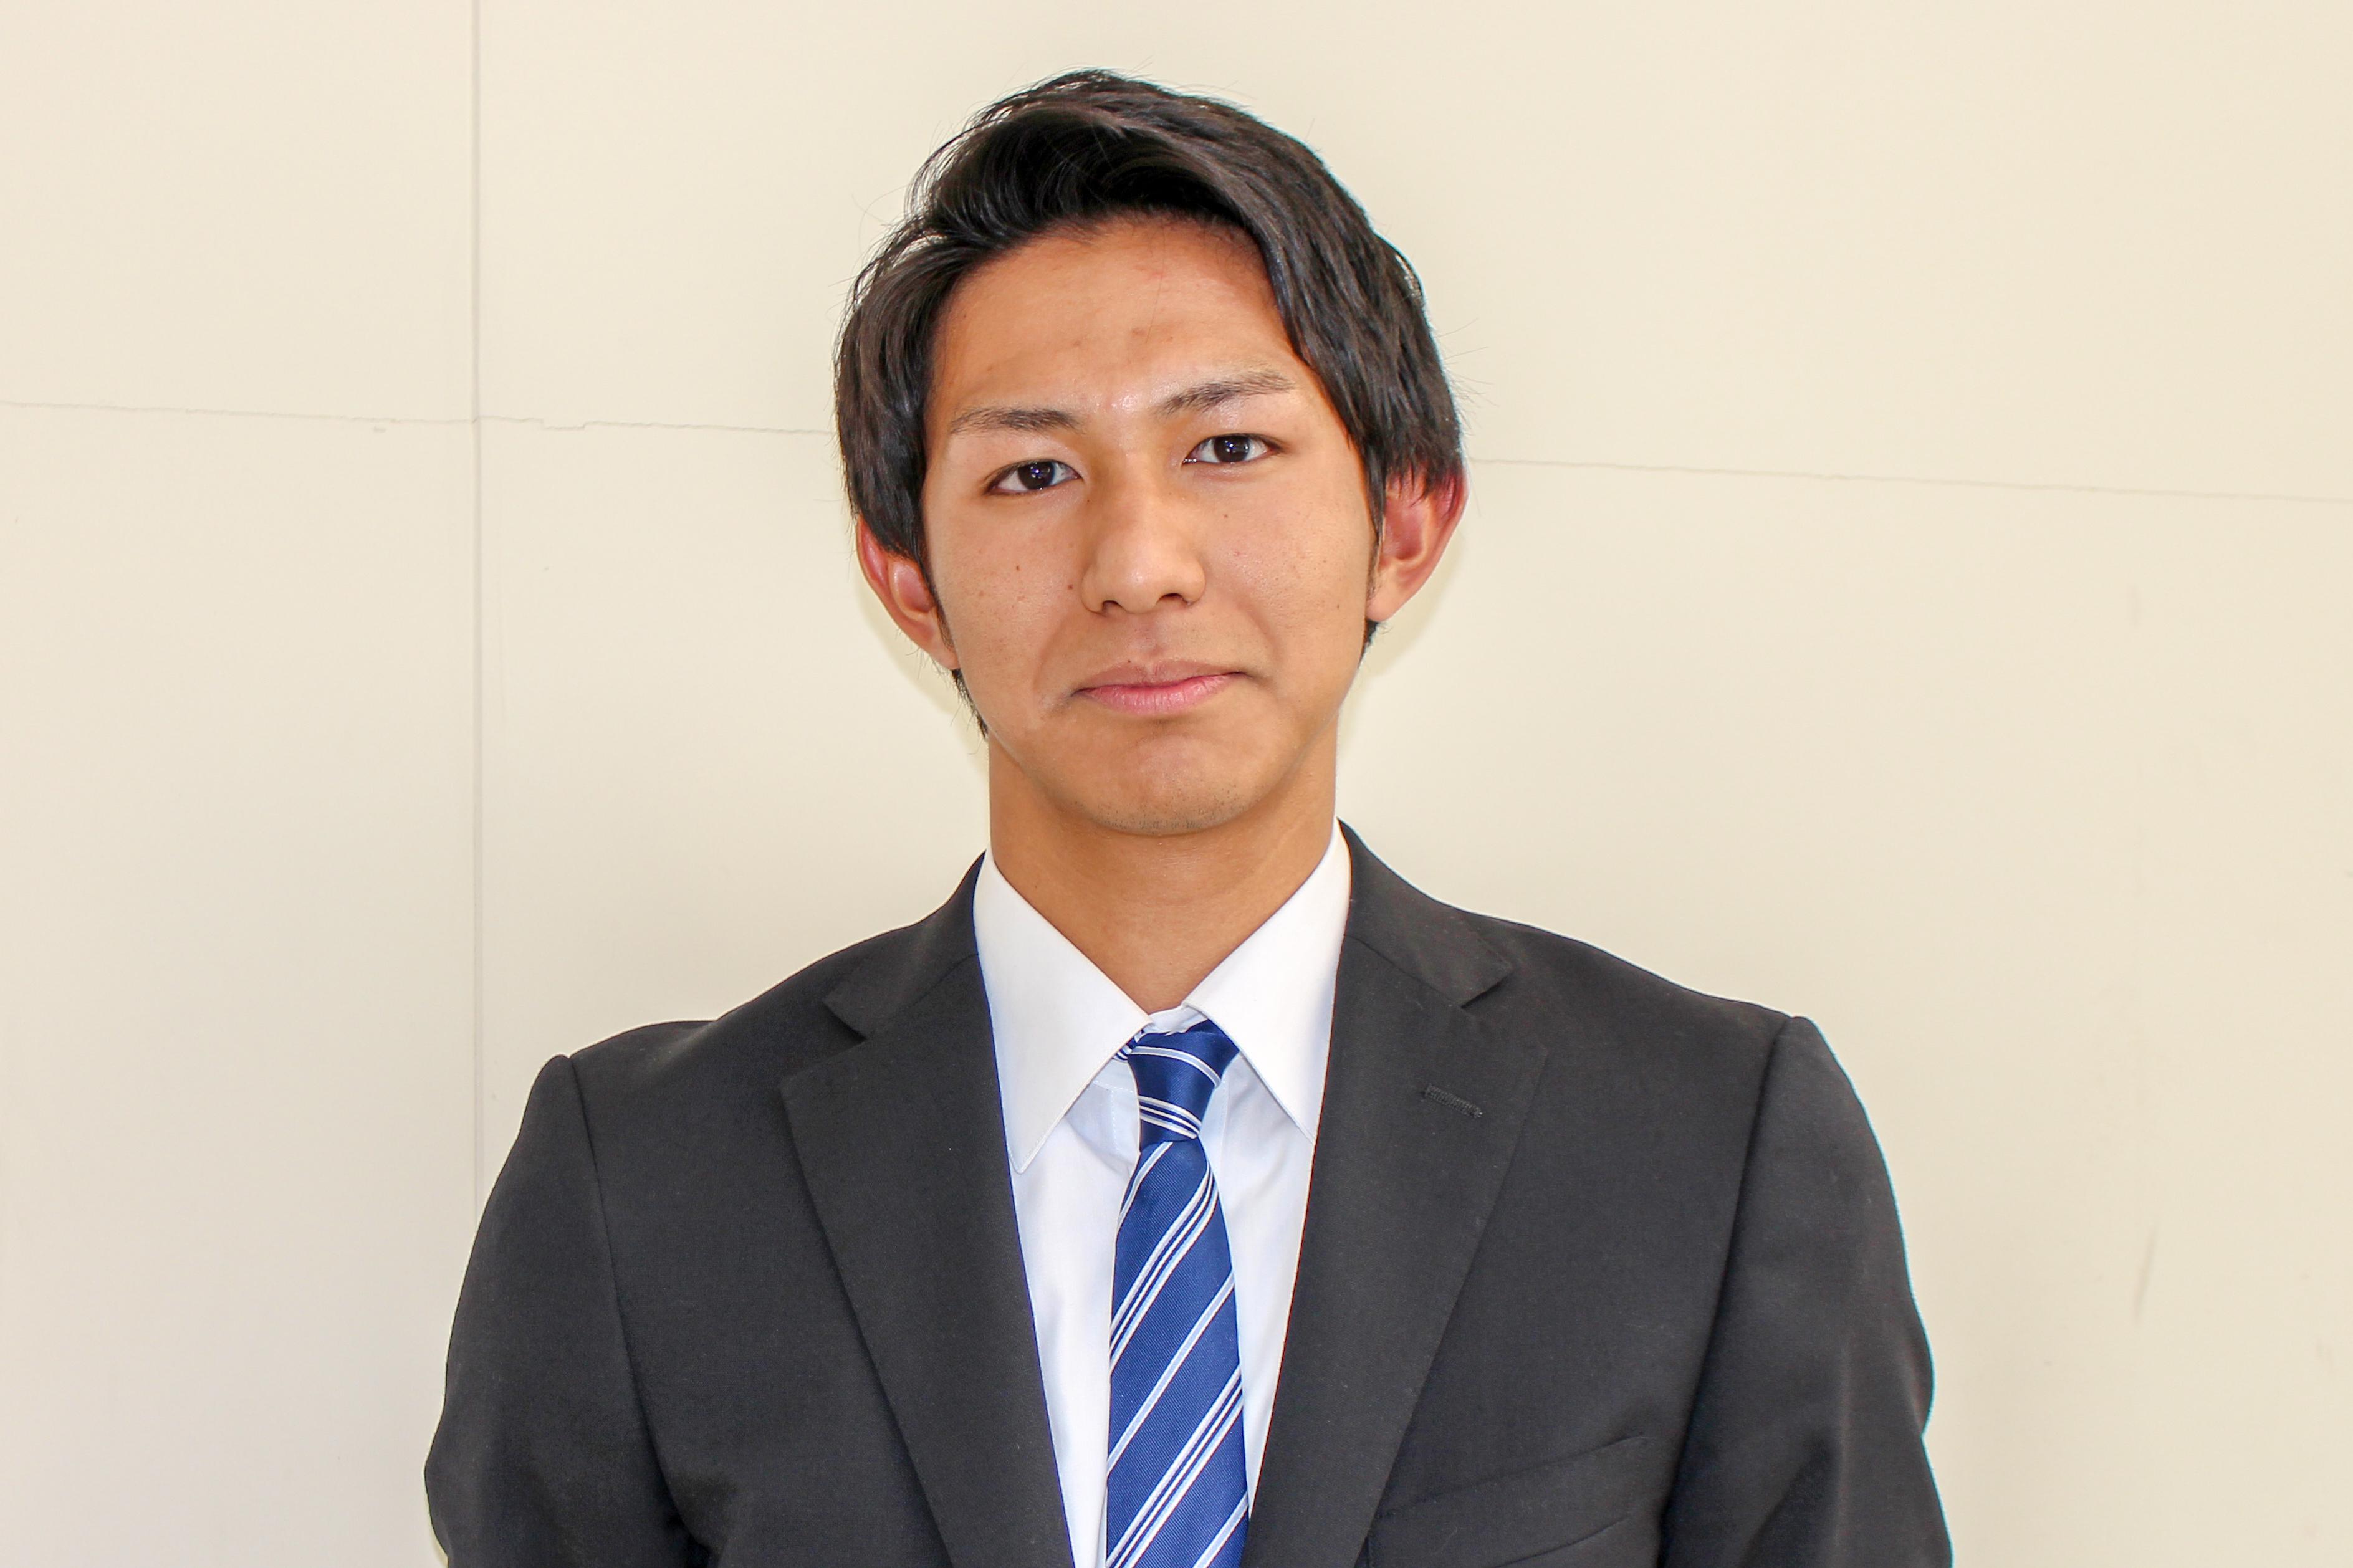 平成31年度 福岡県公立学校教員採用試験に合格しました